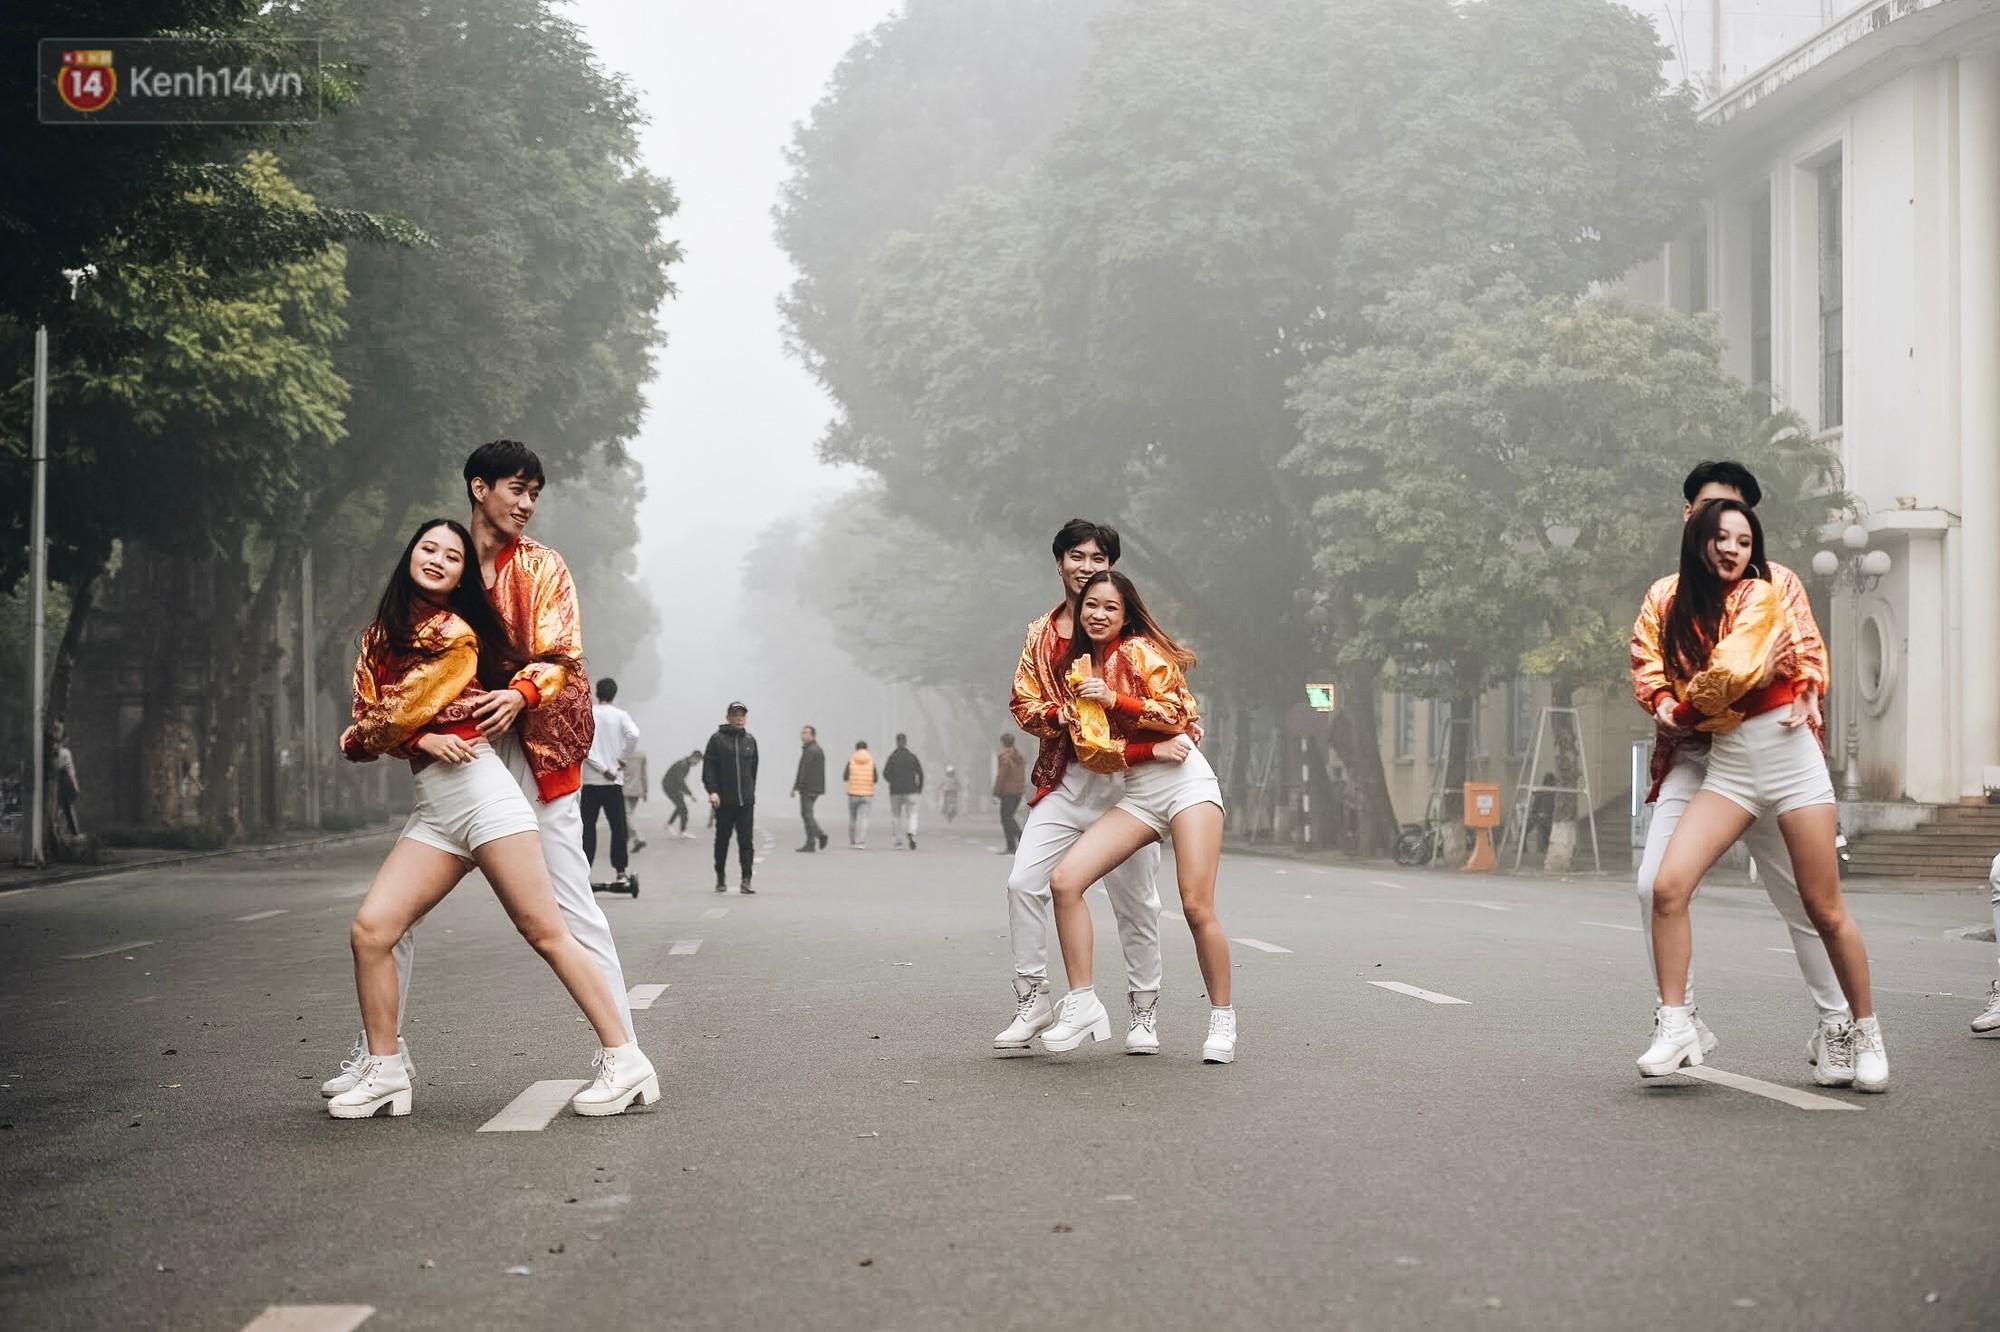 Chùm ảnh: Sáng cuối tuần, sương mù dày đặc phủ kín Hà Nội khiến người dân ngỡ như đang ở Sapa - Ảnh 15.